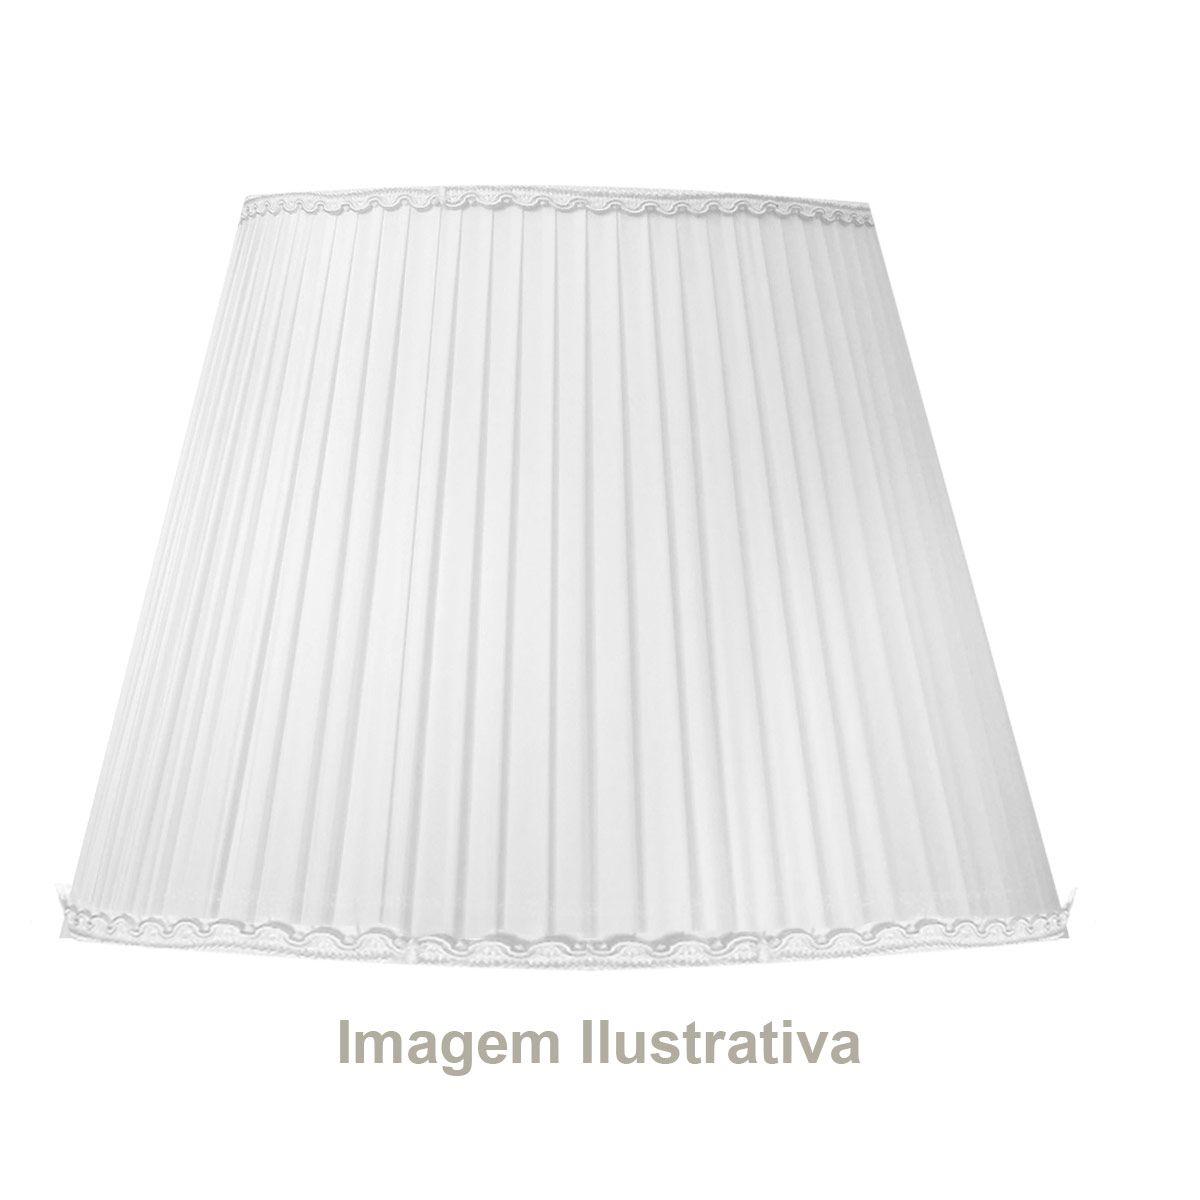 Abajur de Mesa em Cristal 903 68 cm com Cúpula Branca